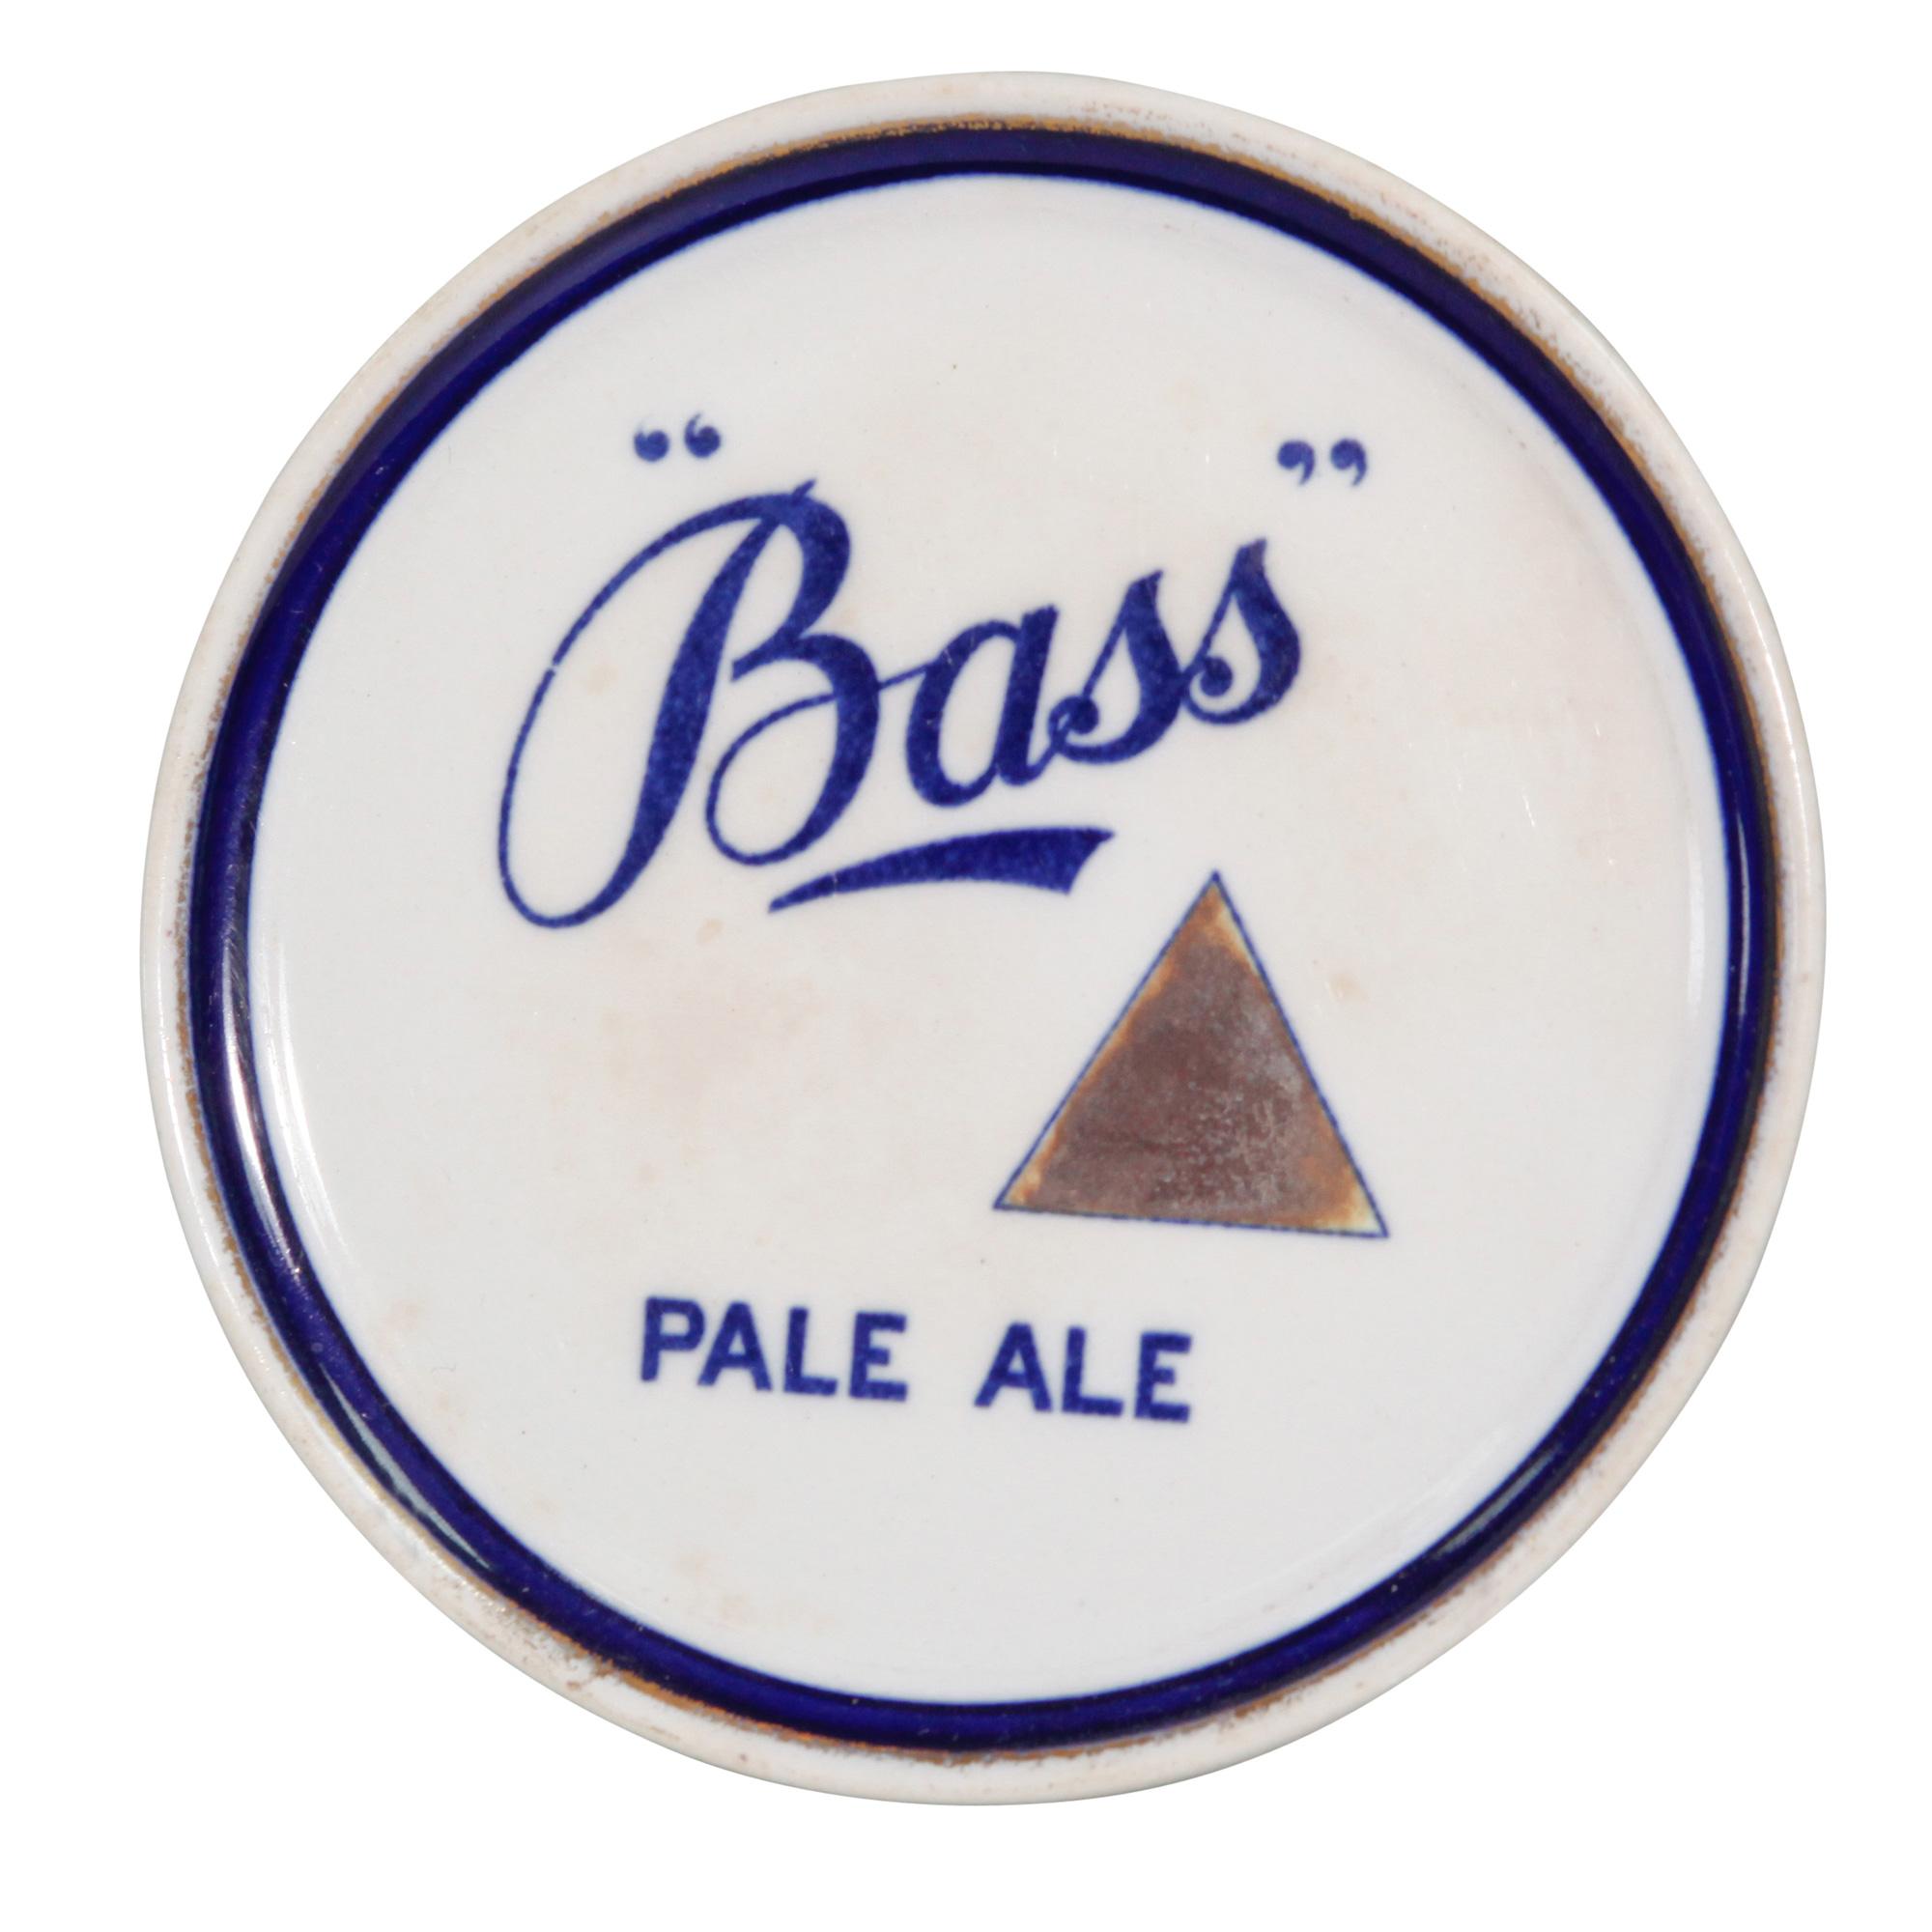 Bass Pale Ale Bottle Coaster